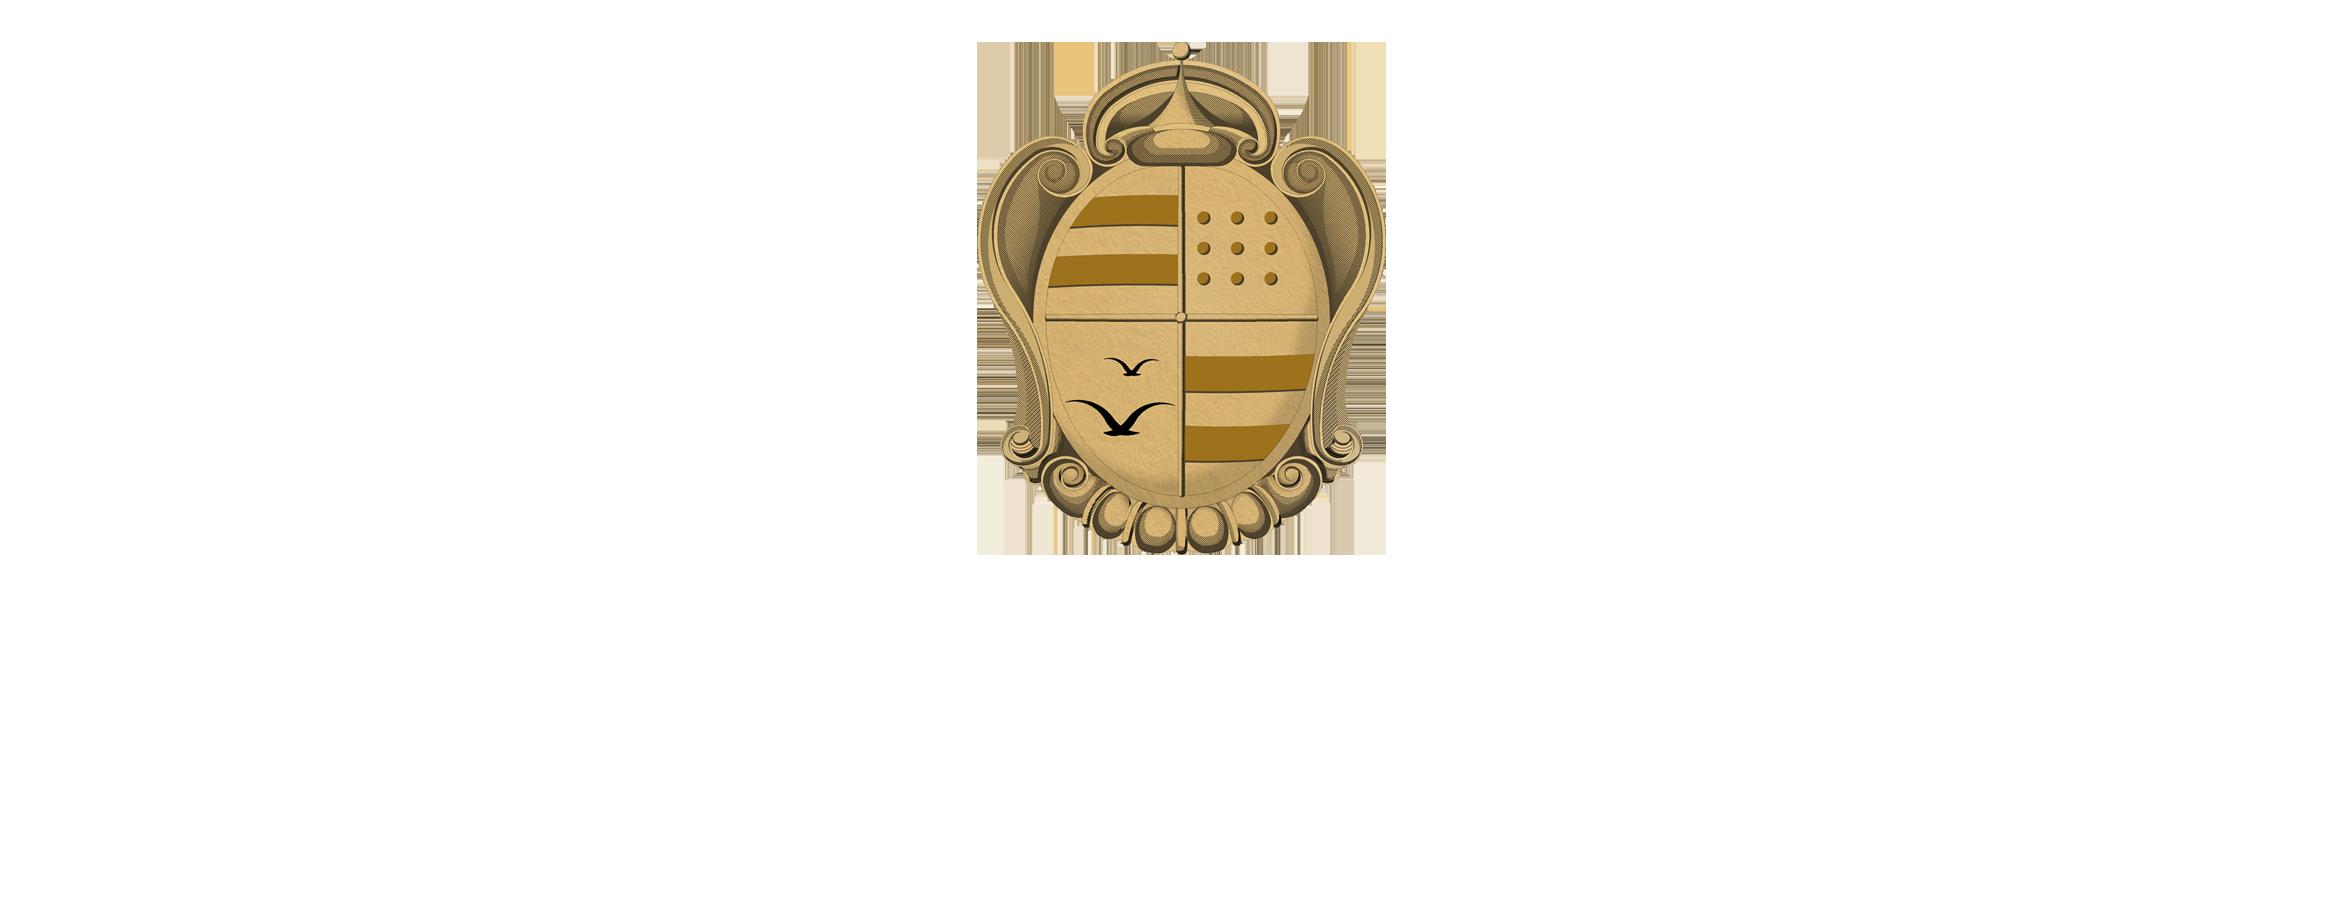 马塞里亚托雷莫萨农家乐